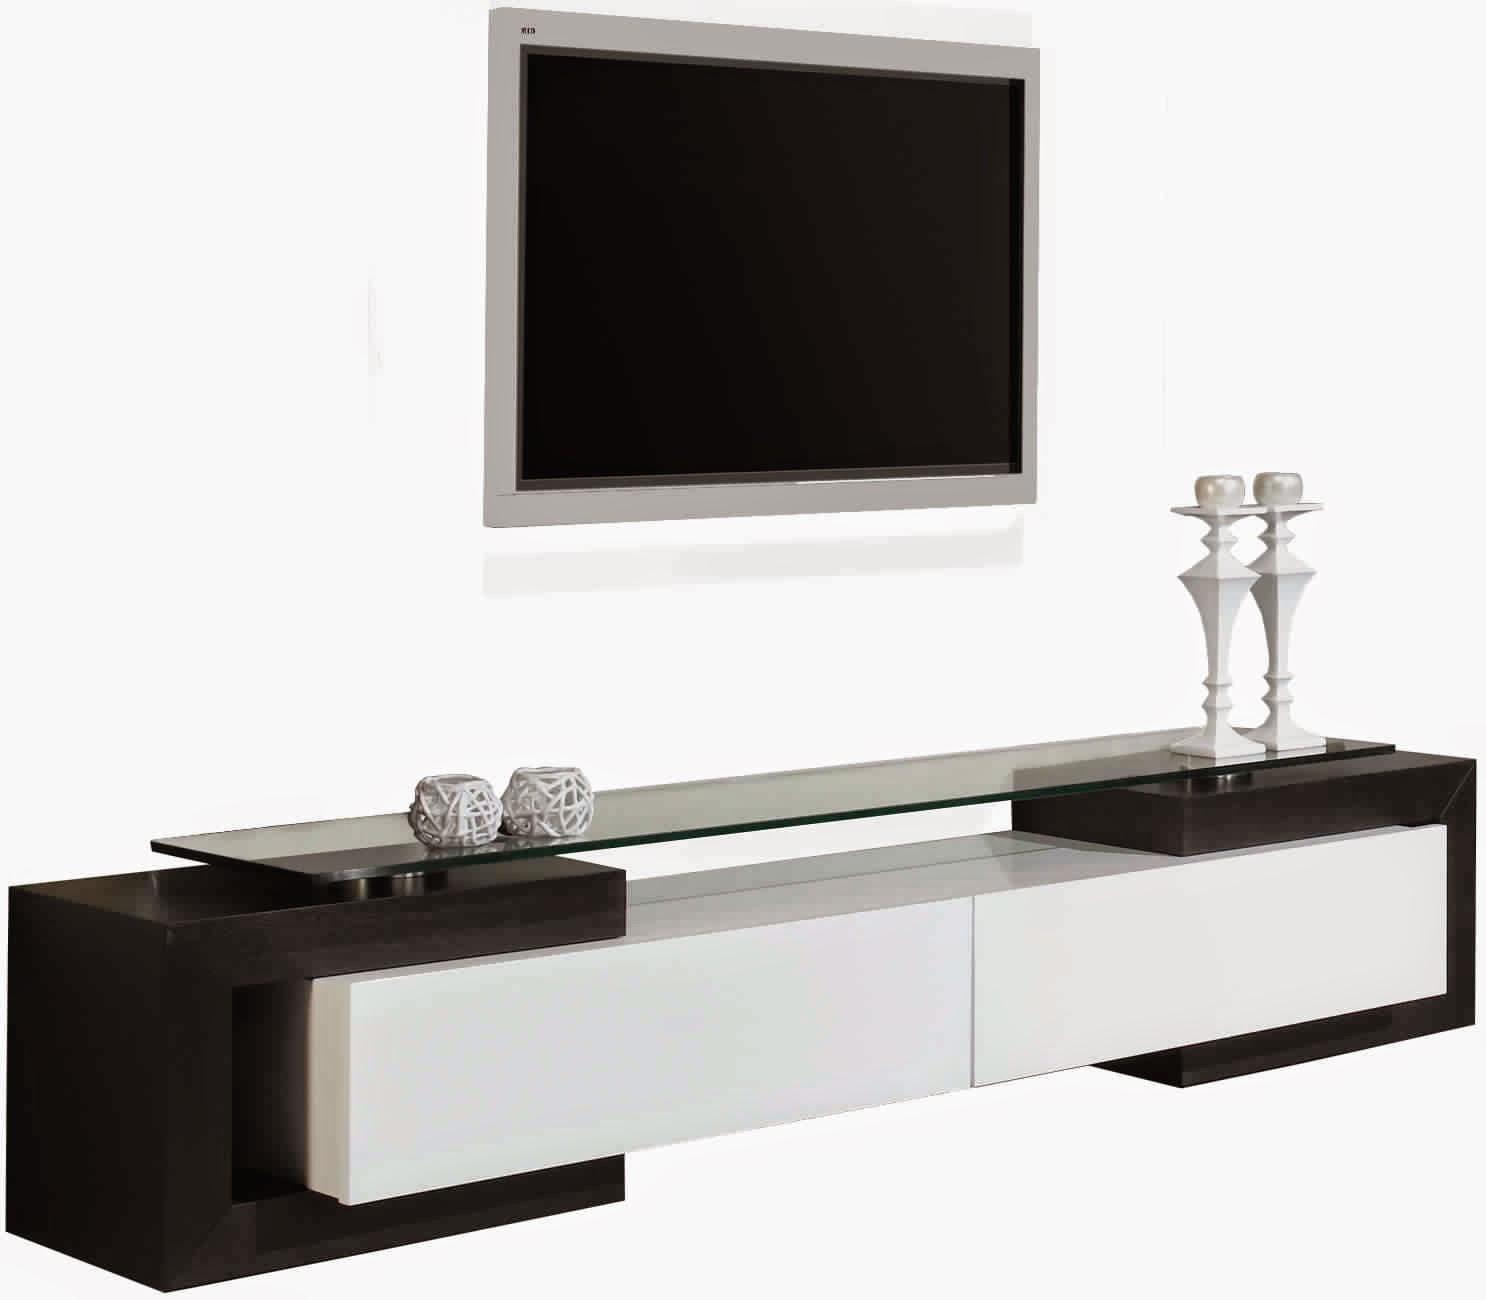 Meuble tv noir et blanc meuble tv - Meuble salon noir et blanc ...